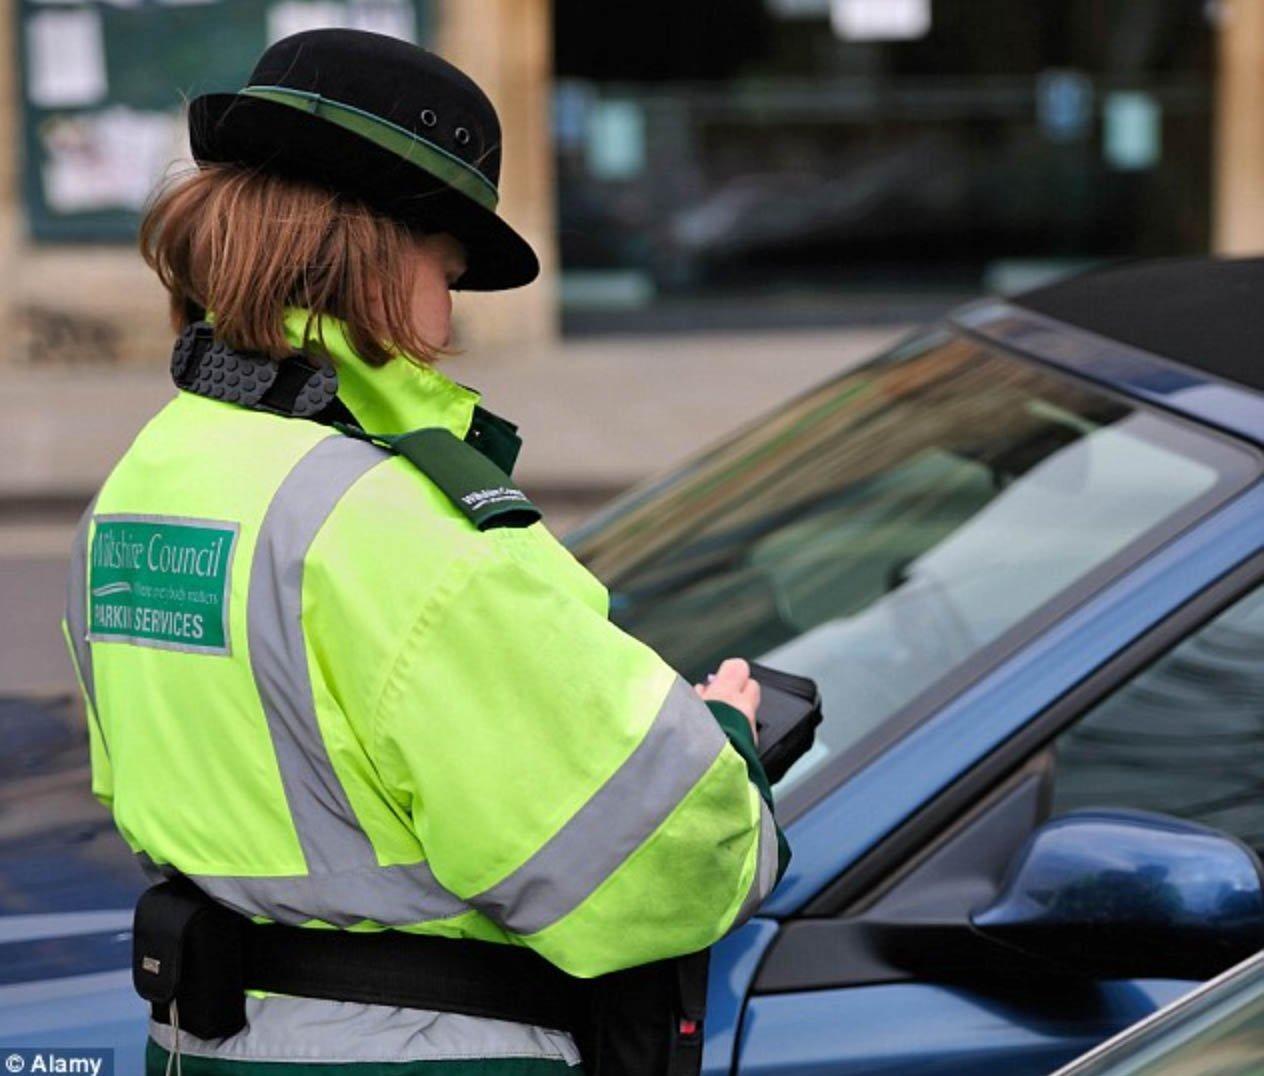 Tikettak 3 unidades Soporte para boleto o billete de aparcamiento para dejar avisos en casa